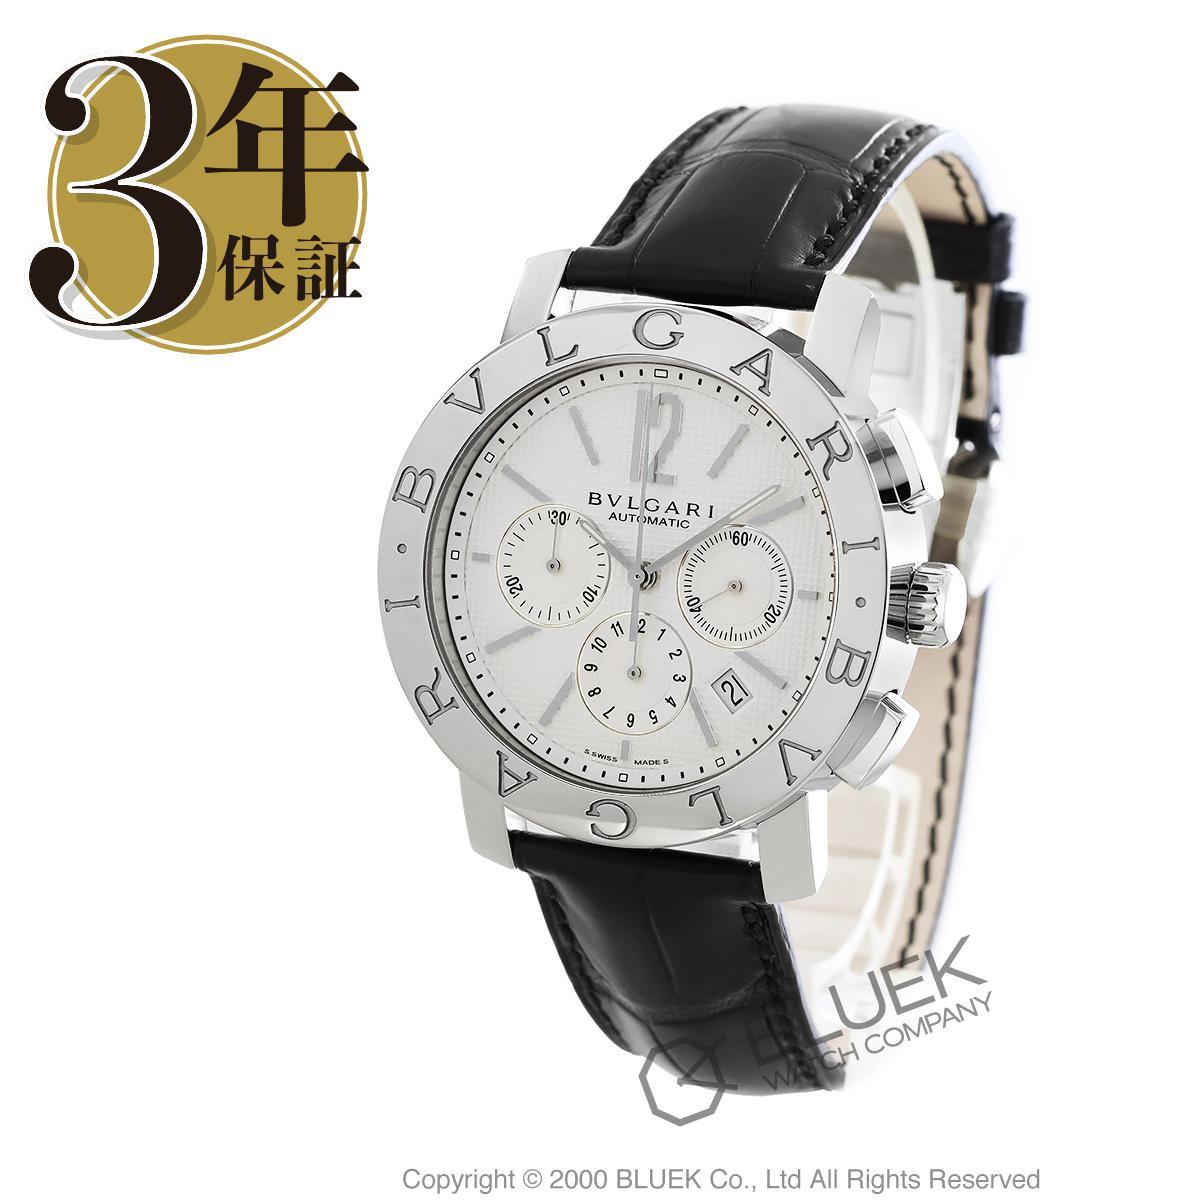 ブルガリ ブルガリブルガリ クロノグラフ アリゲーターレザー 腕時計 メンズ BVLGARI BB42WSLDCH_8